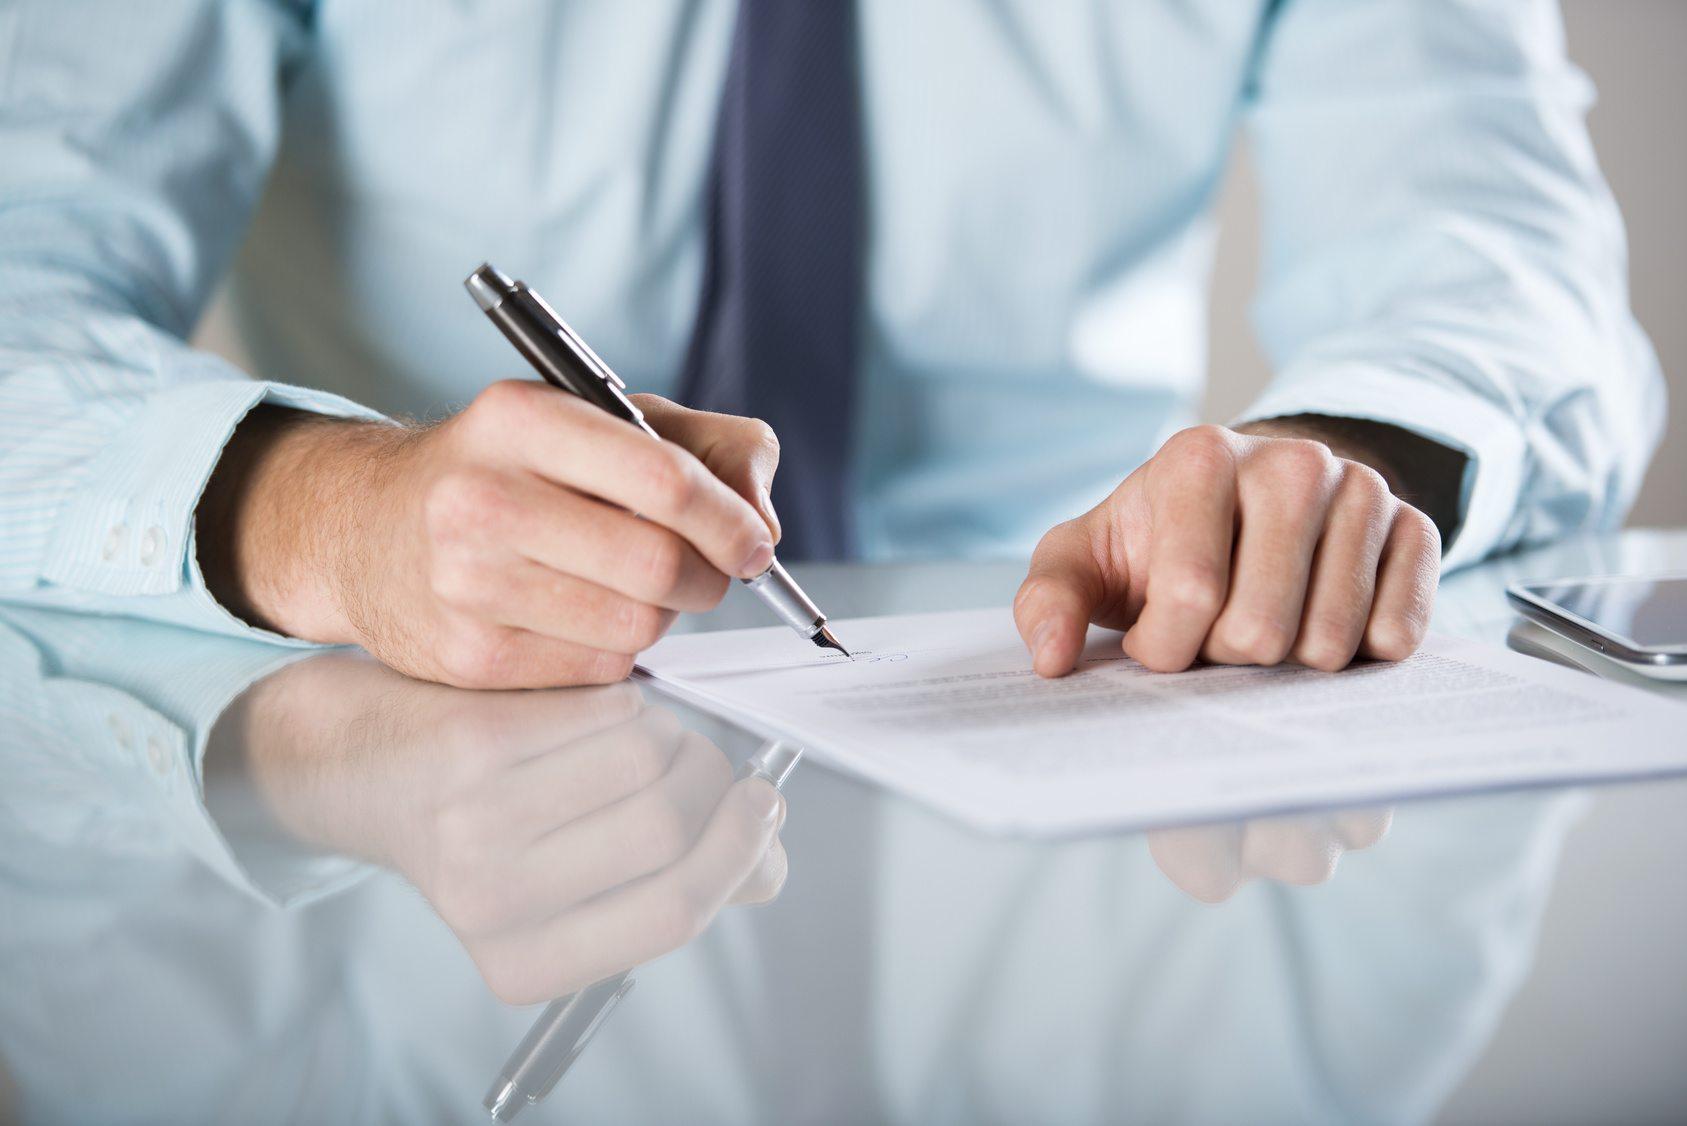 Prywatny akt oskarżenia w sprawie o przestępstwo spowodowania lekkiego uszczerbku na zdrowiu pacjenta